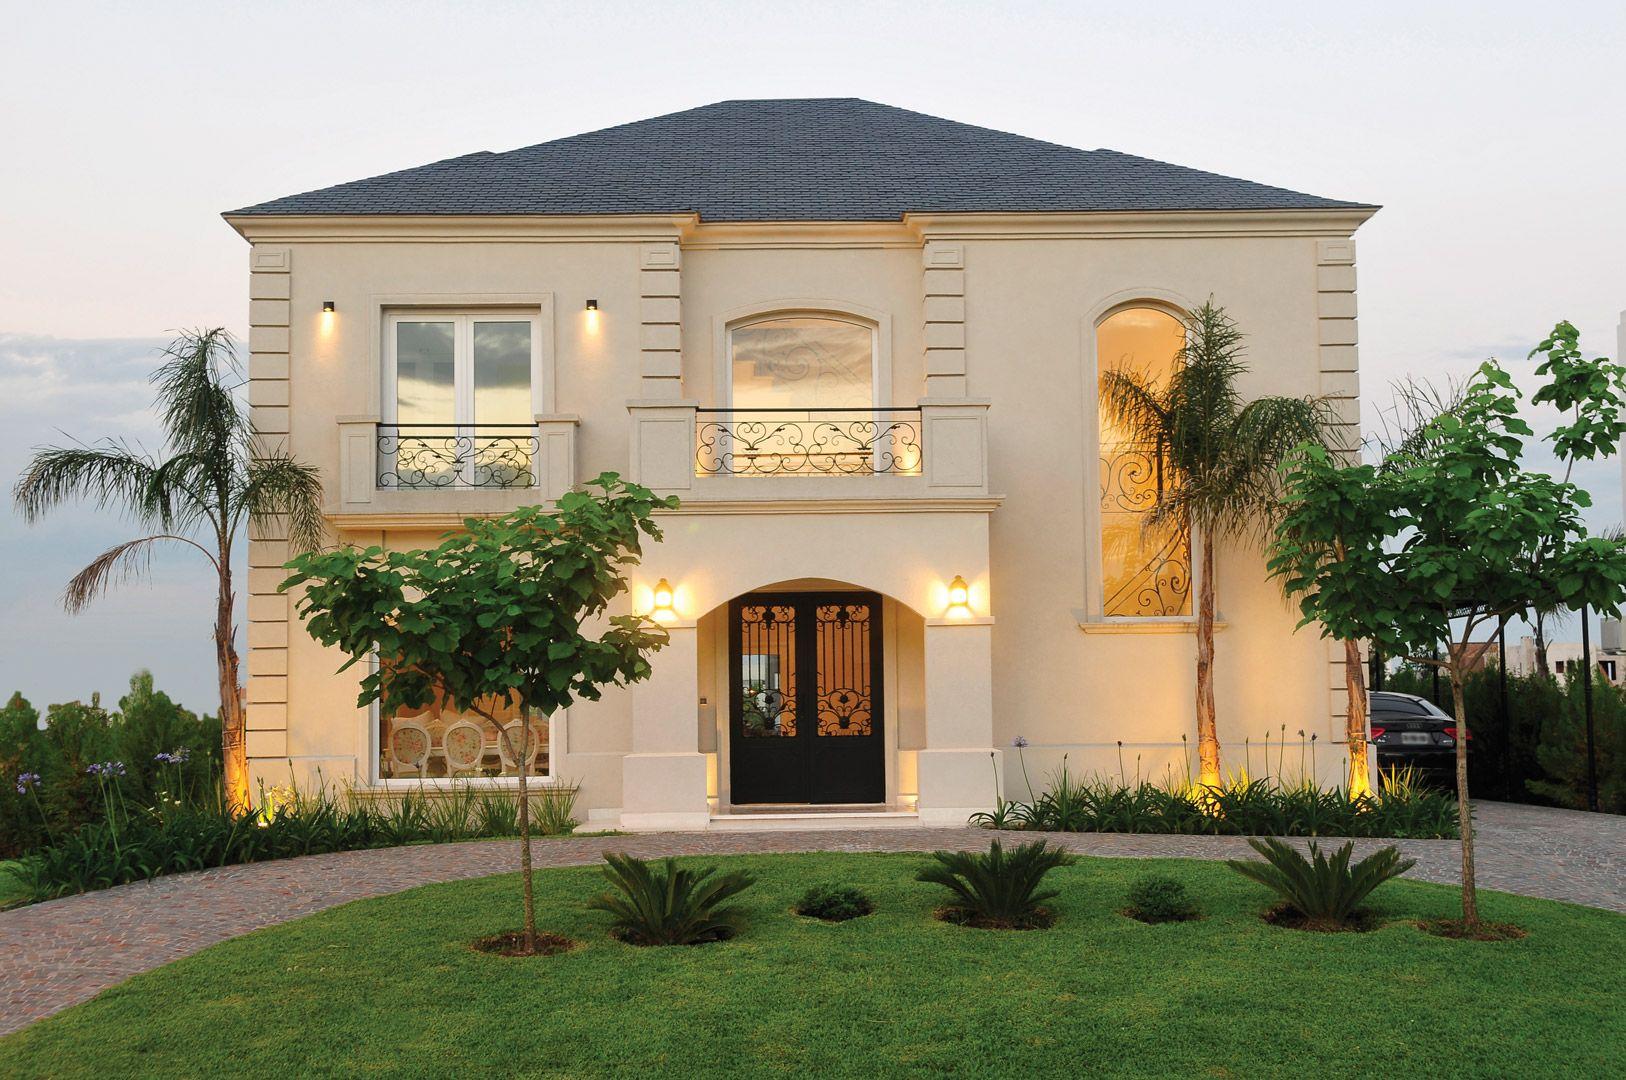 Ciba arquitectura cl sica ii en 2019 pretty houses for Fachadas de casas estilo moderno